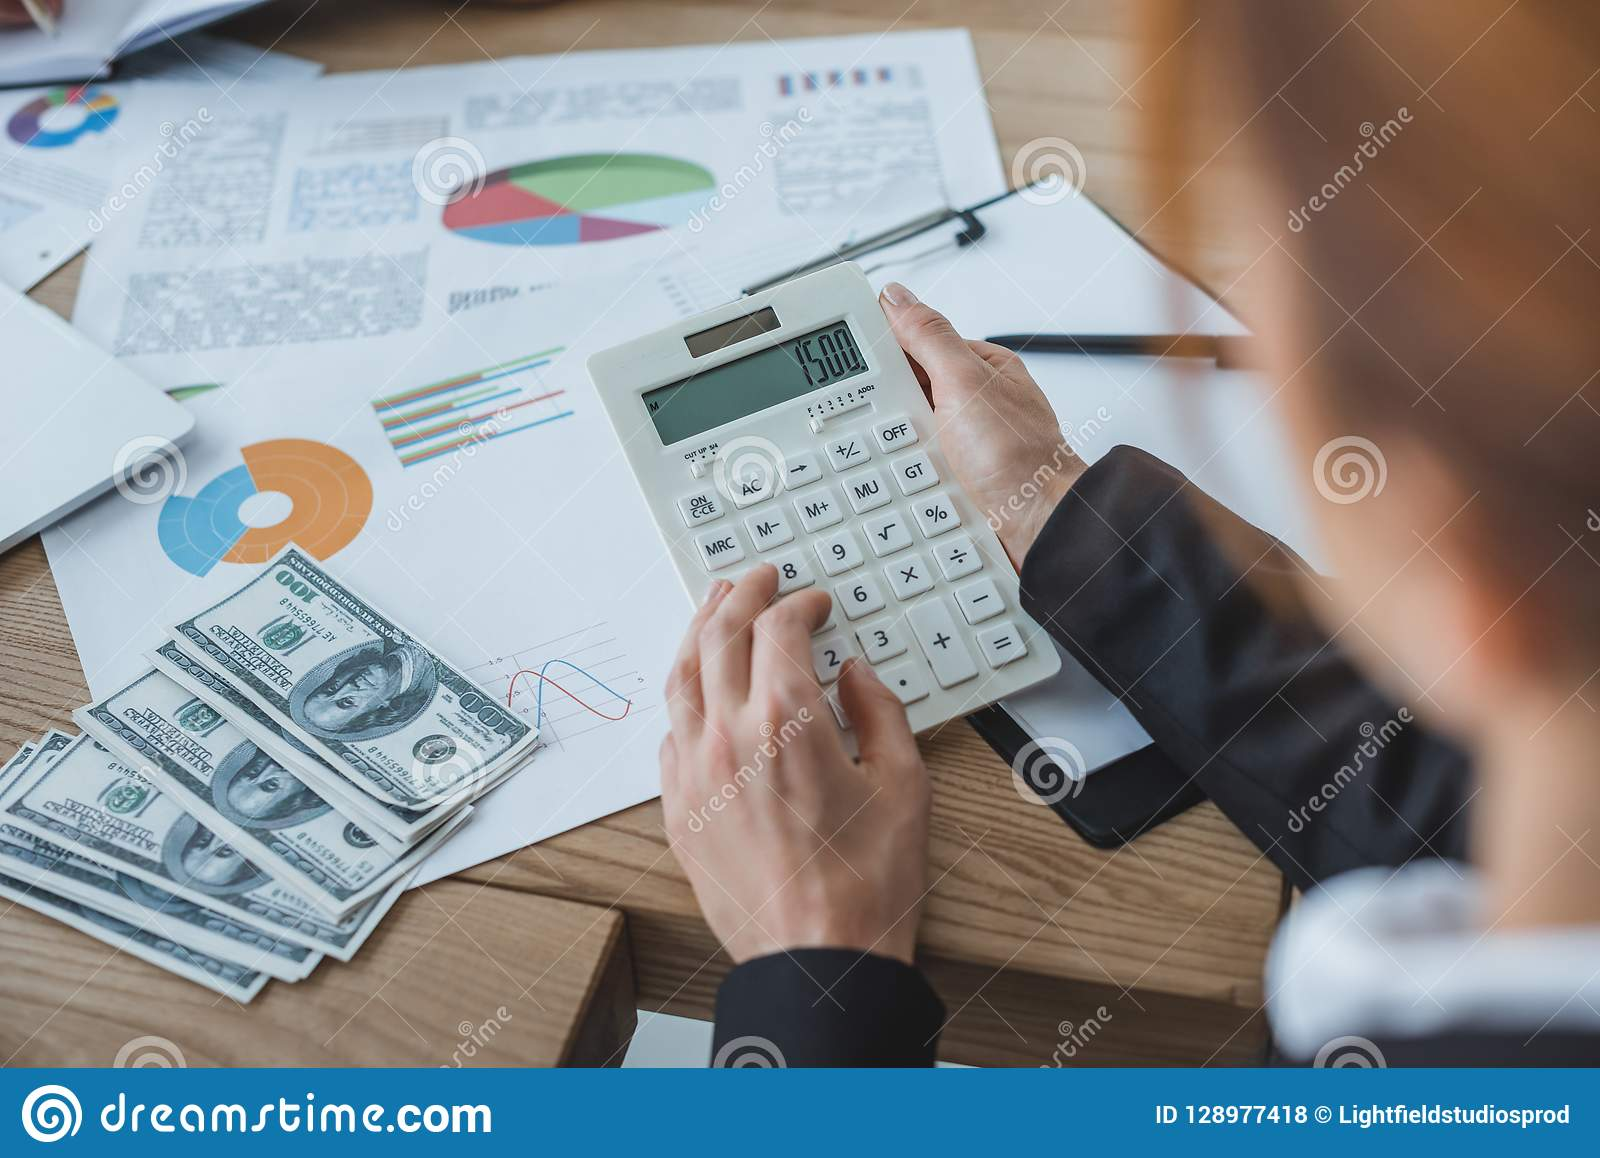 Imagem colhida do financeiro que usa a calculadora no trabalho